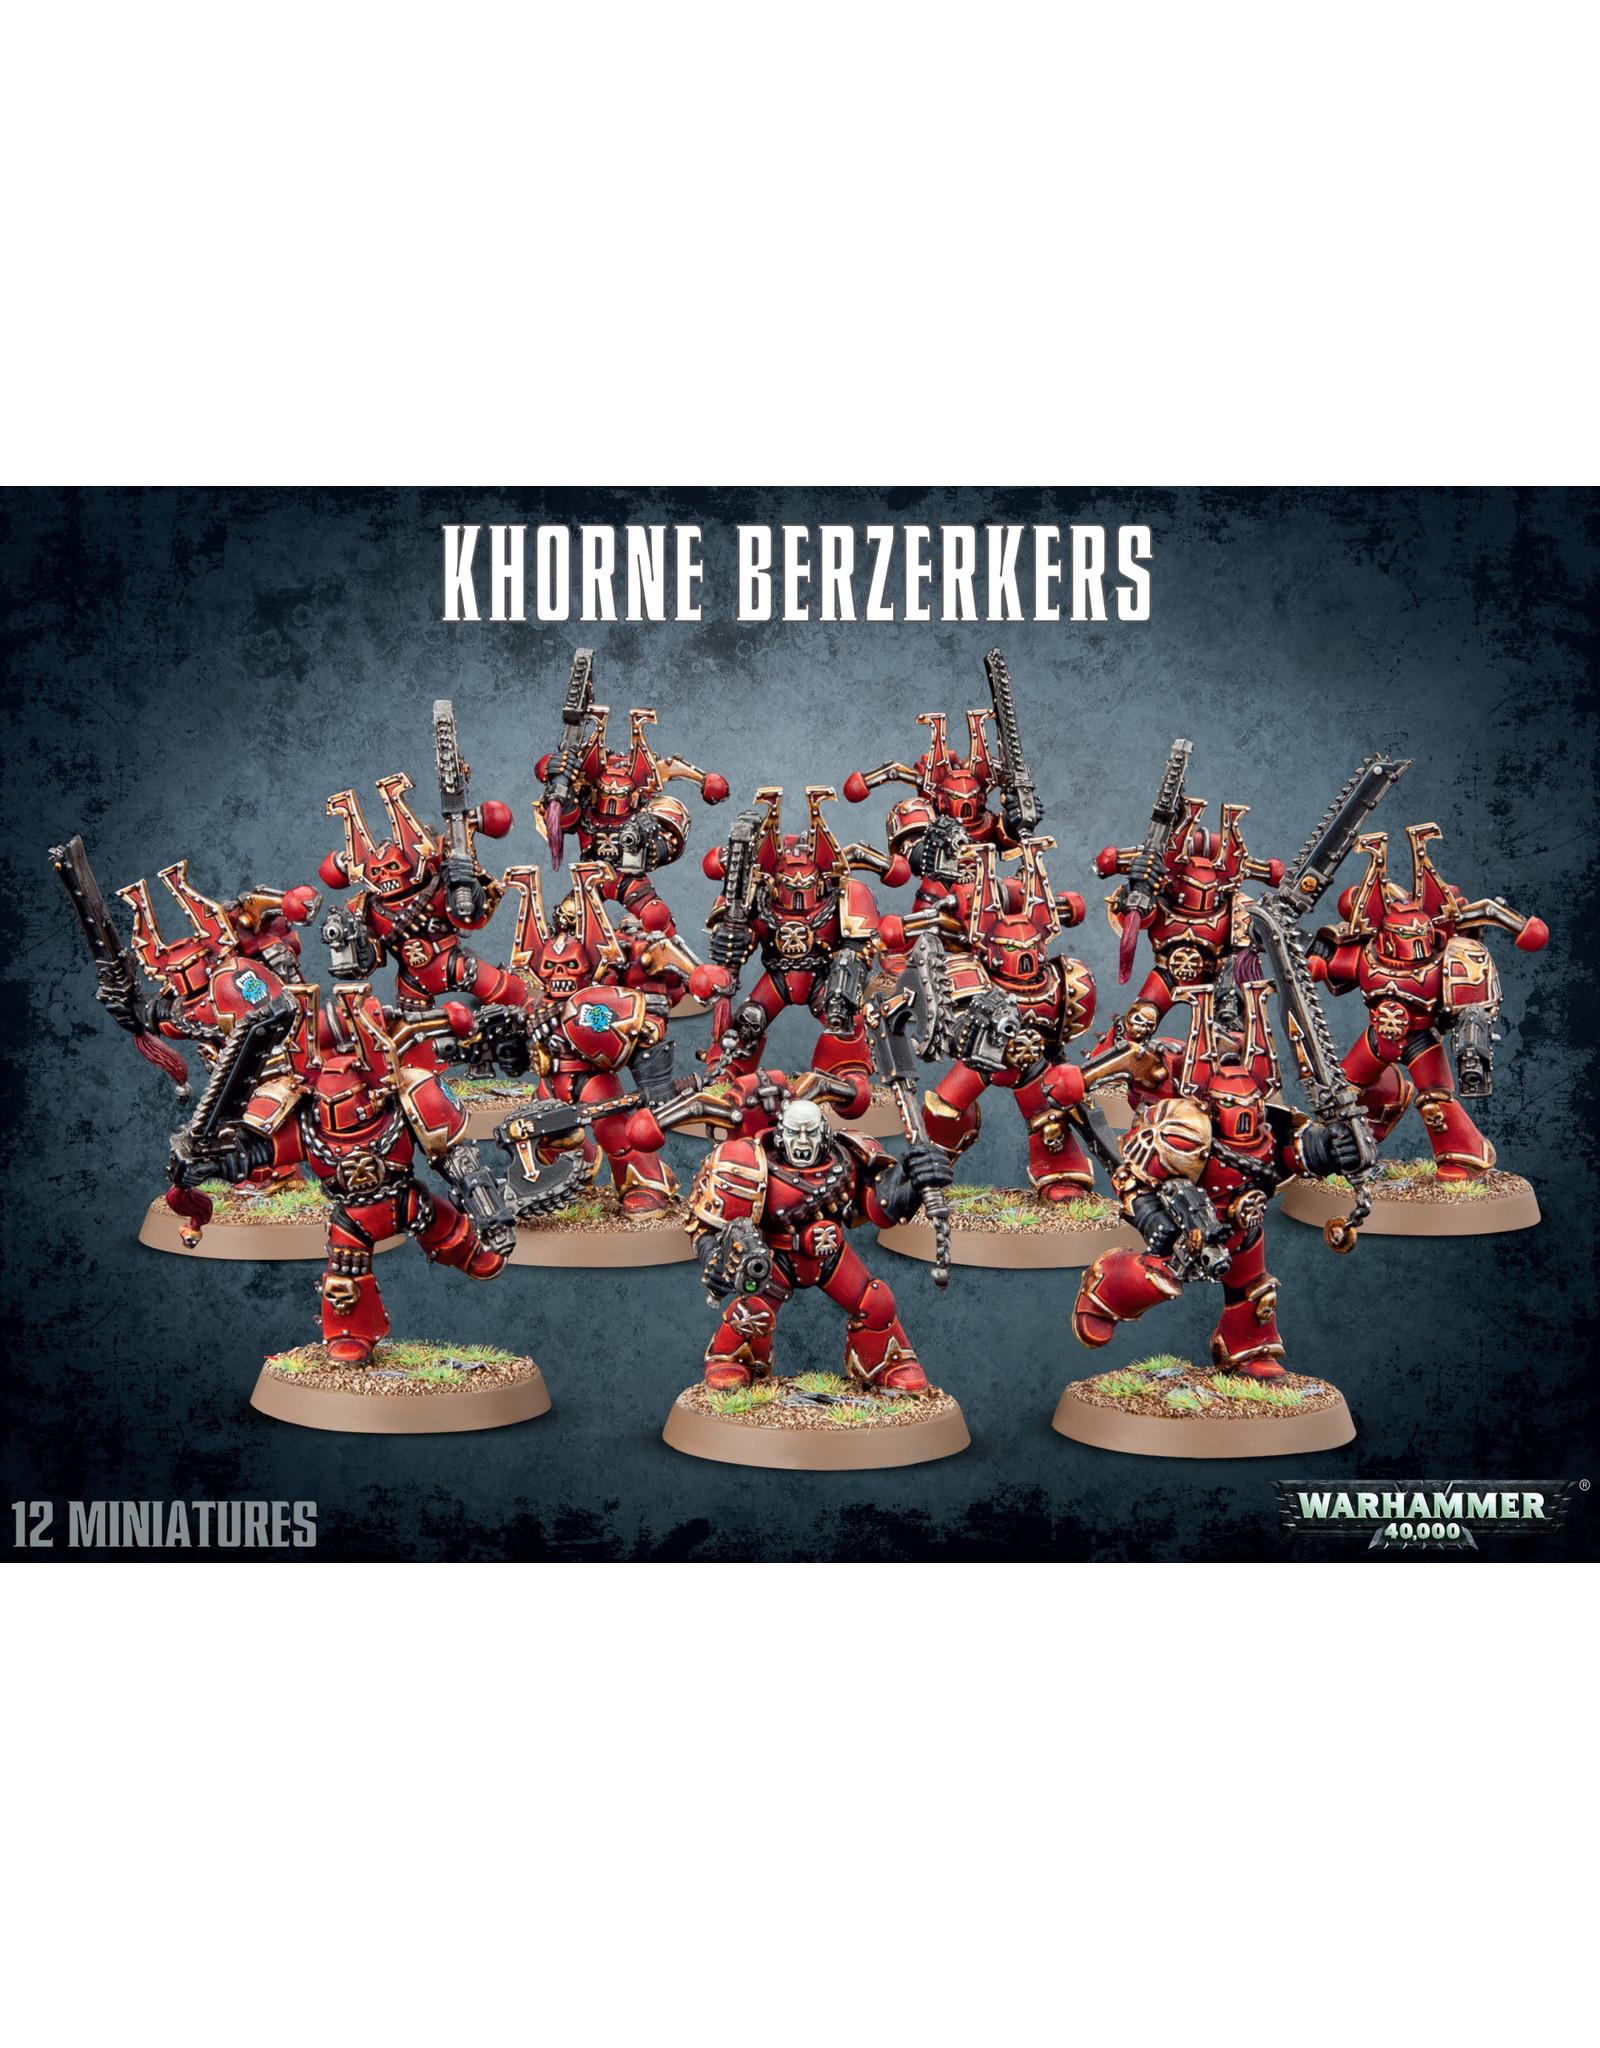 Warhammer 40k KHORNE BERZERKERS